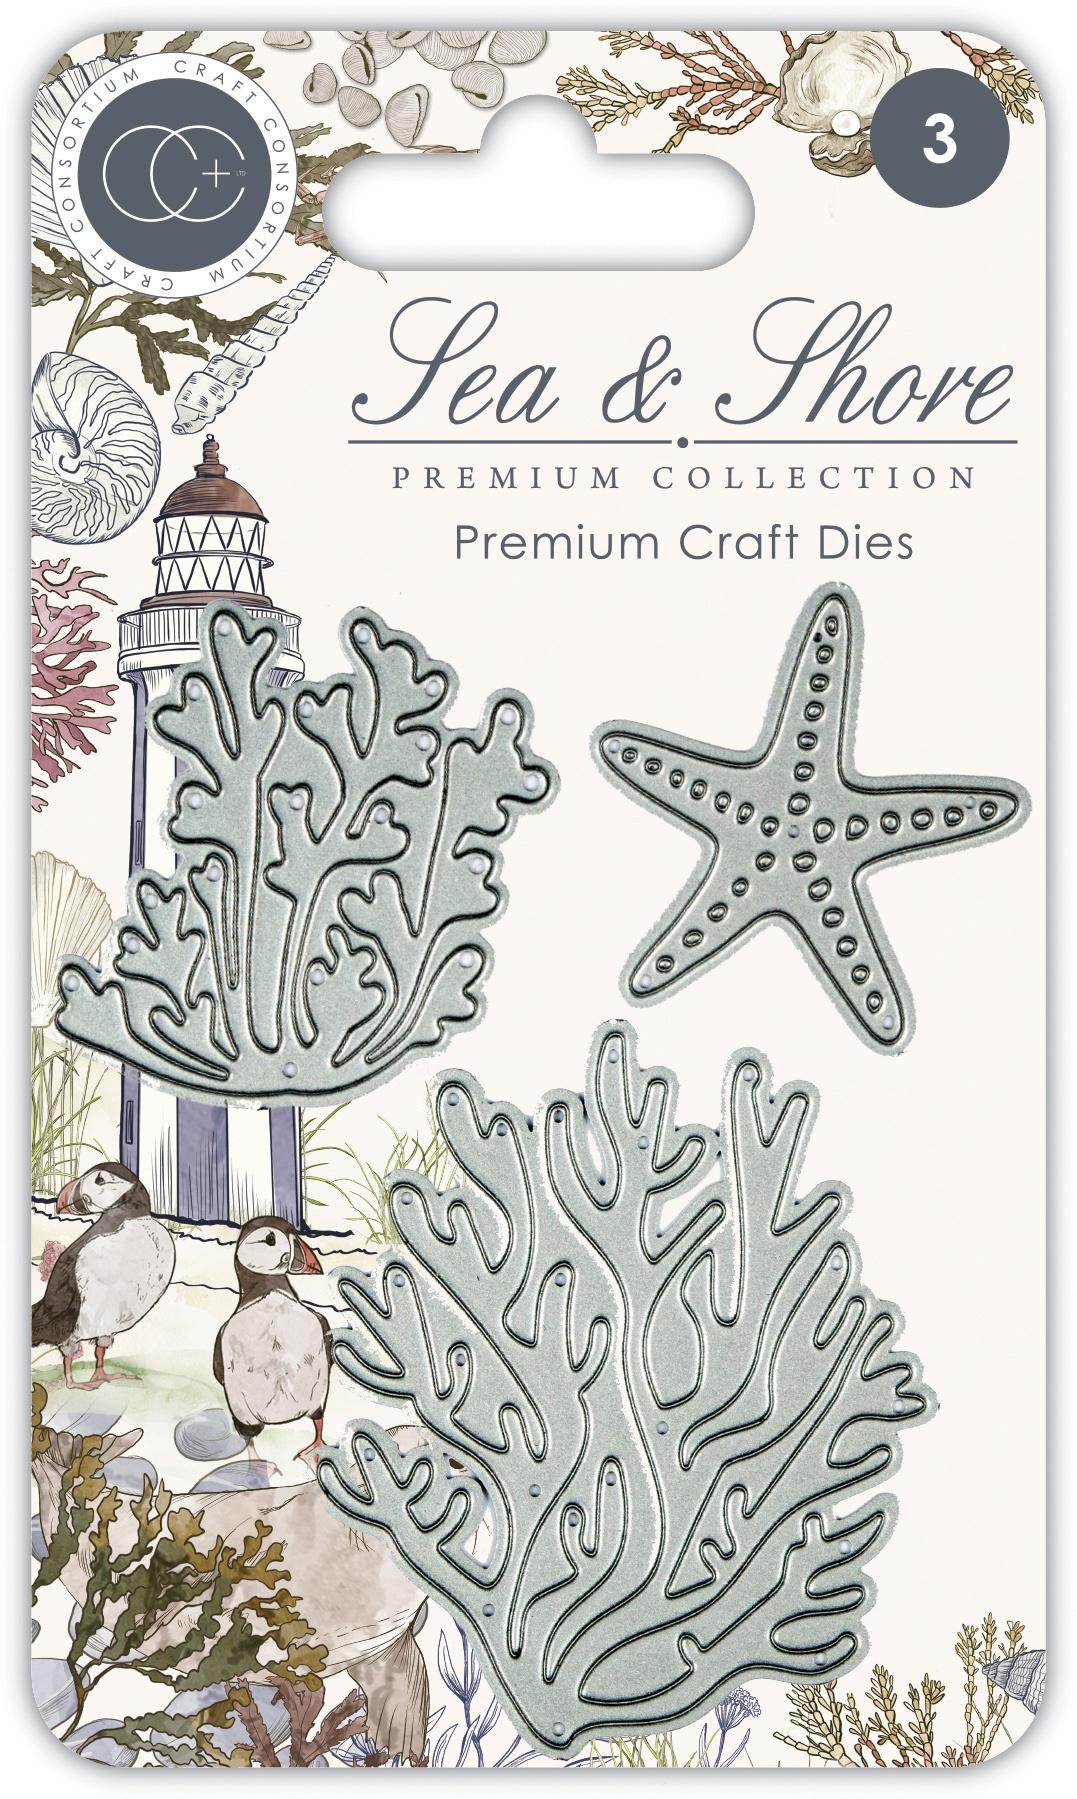 Sea & Shore Die